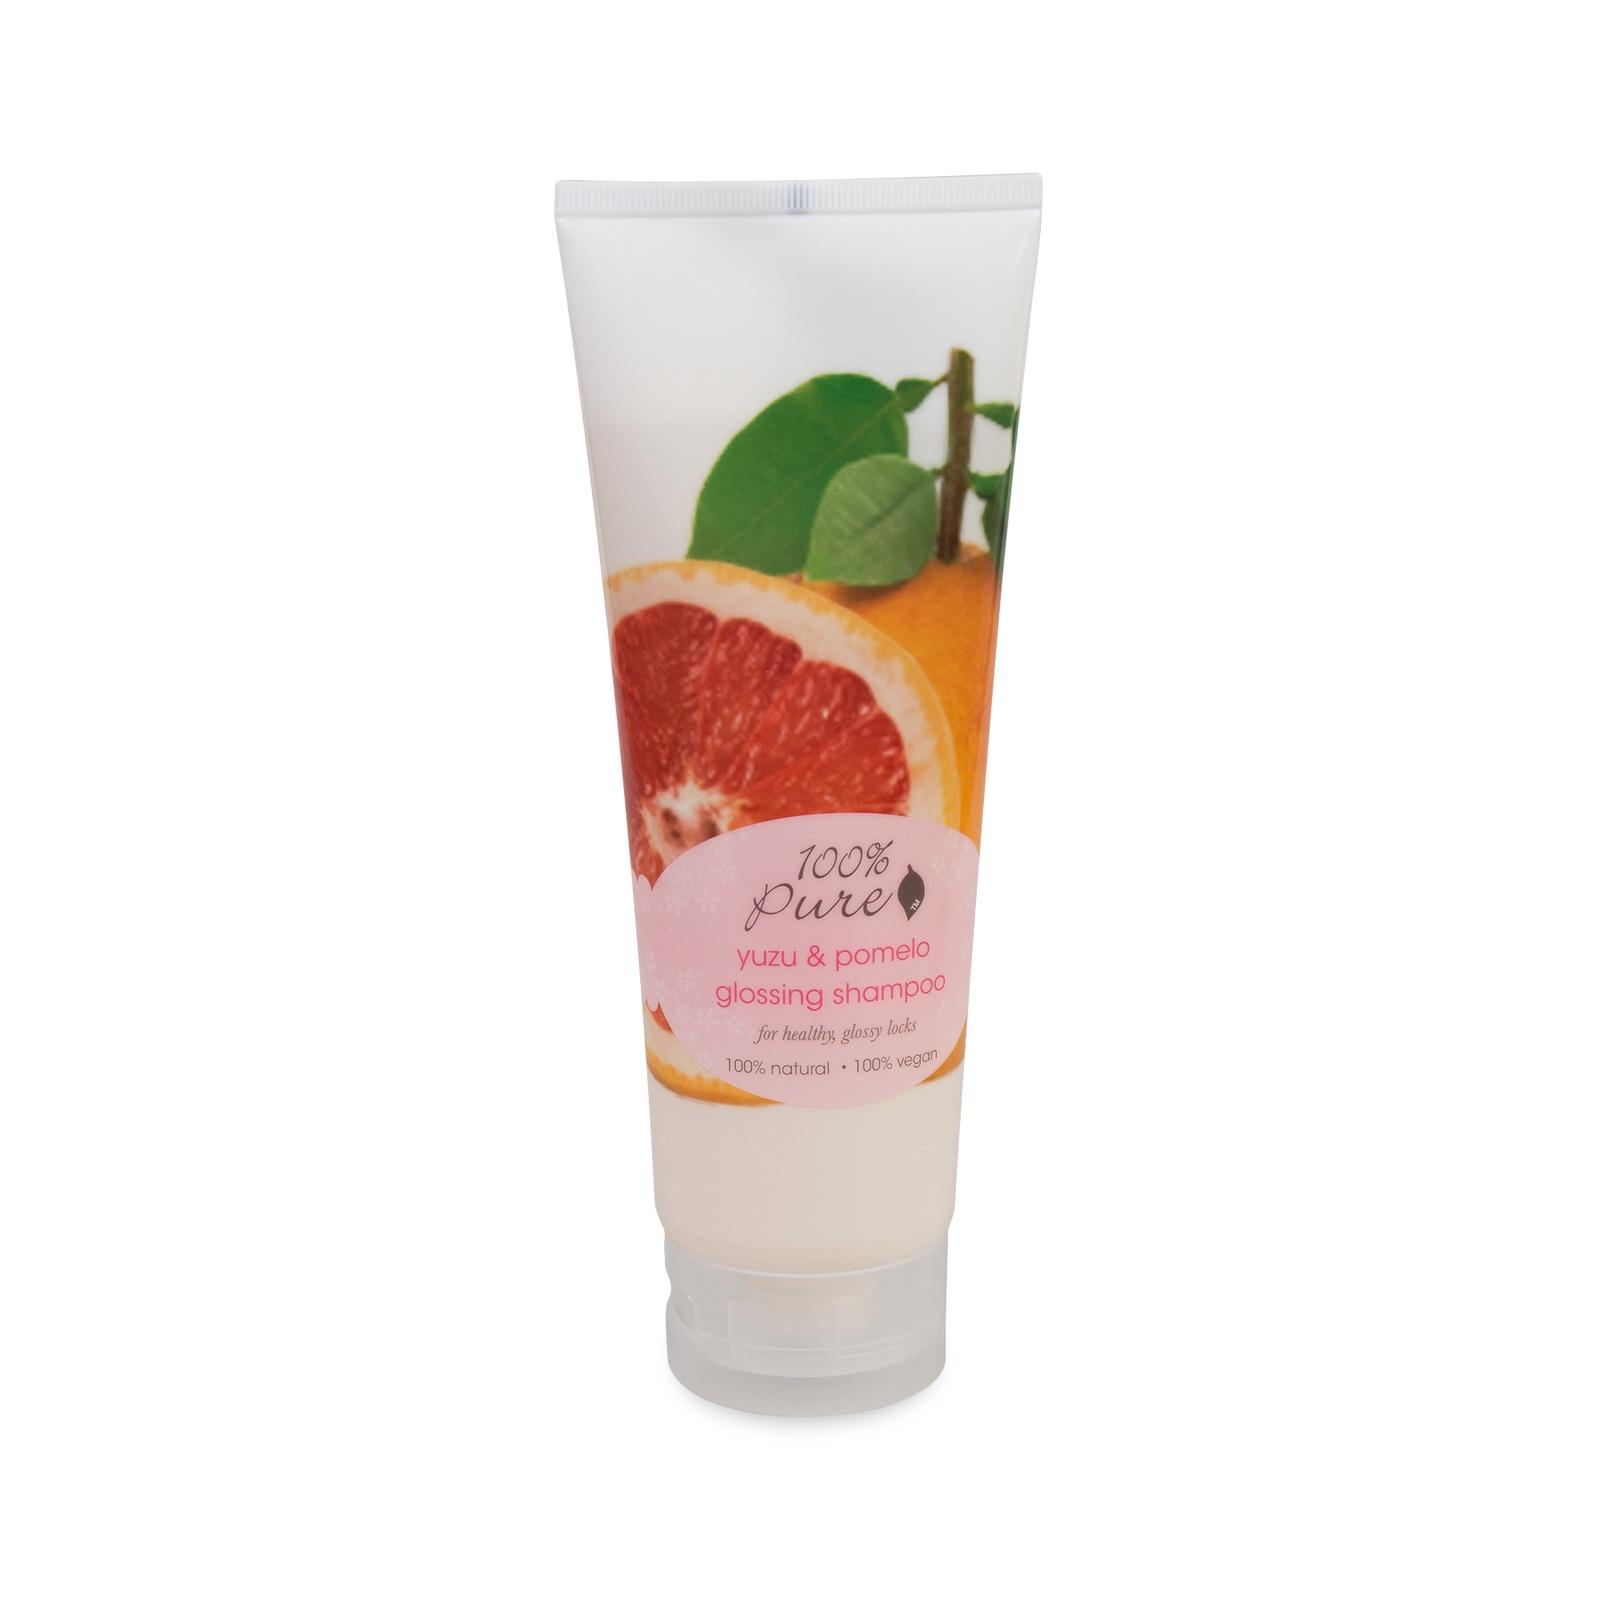 Шампунь для волос 100% Pure 1HCSYPG8oz популярные шампуни без сульфатов